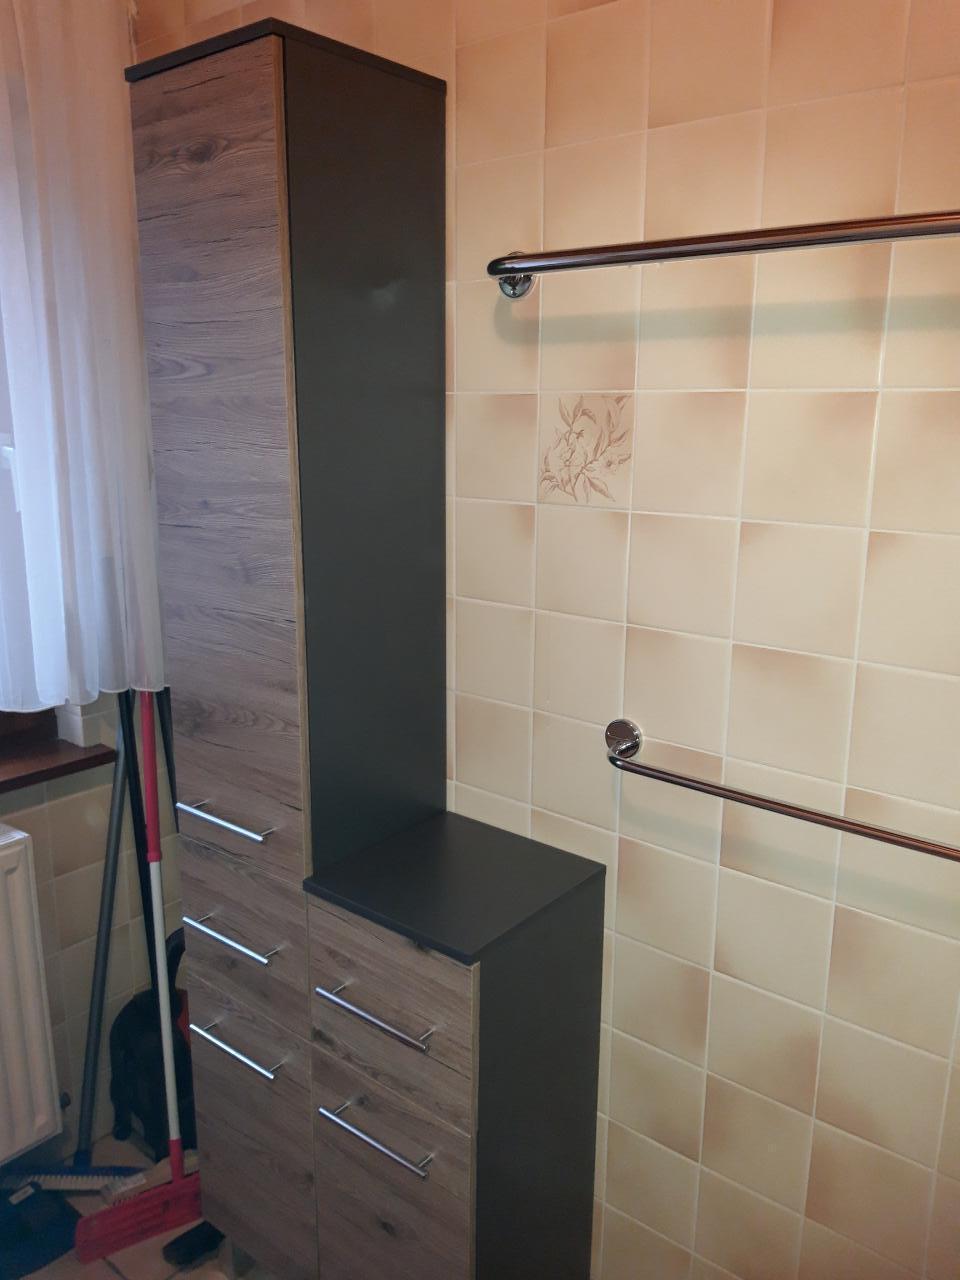 Ferienhaus Bungalow 6 neu renoviert für 4-6 Personen in der Rhön Residence Bungalows (757461), Dipperz, Rhön (Hessen), Hessen, Deutschland, Bild 19